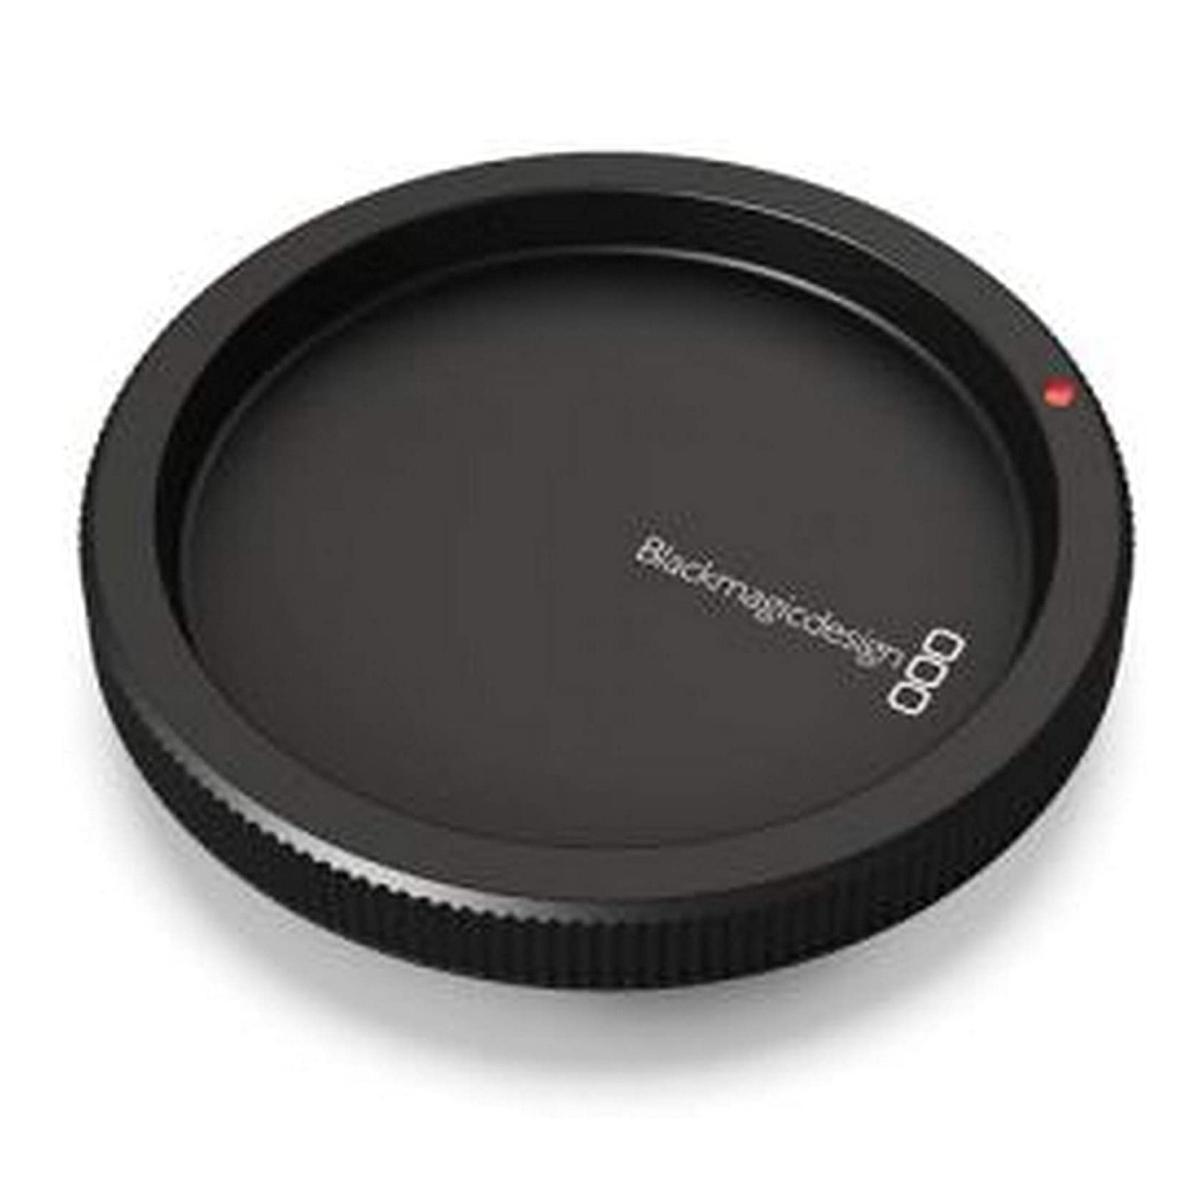 Blackmagic Camera - Lens Cap PL